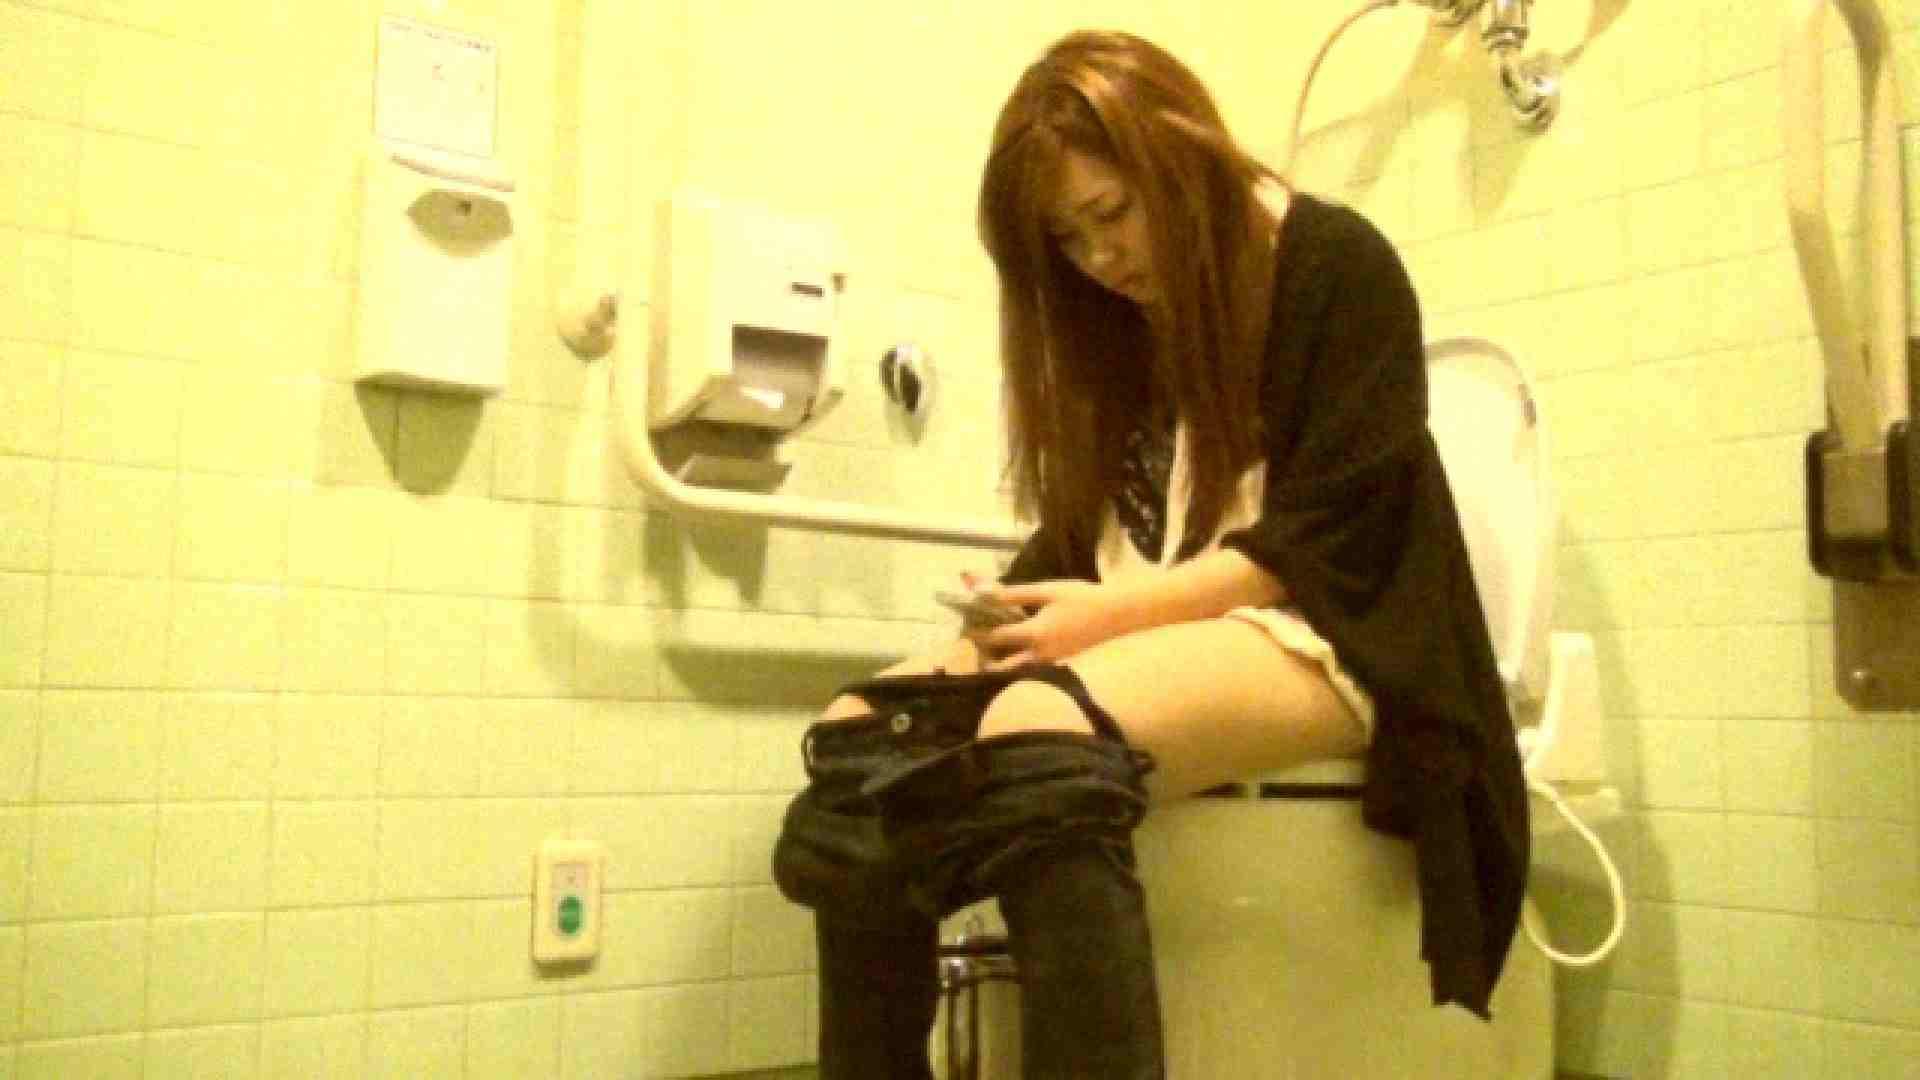 魔術師の お・も・て・な・し vol.26 19歳のバーの店員さんの洗面所をしばし… 洗面所  60枚 18